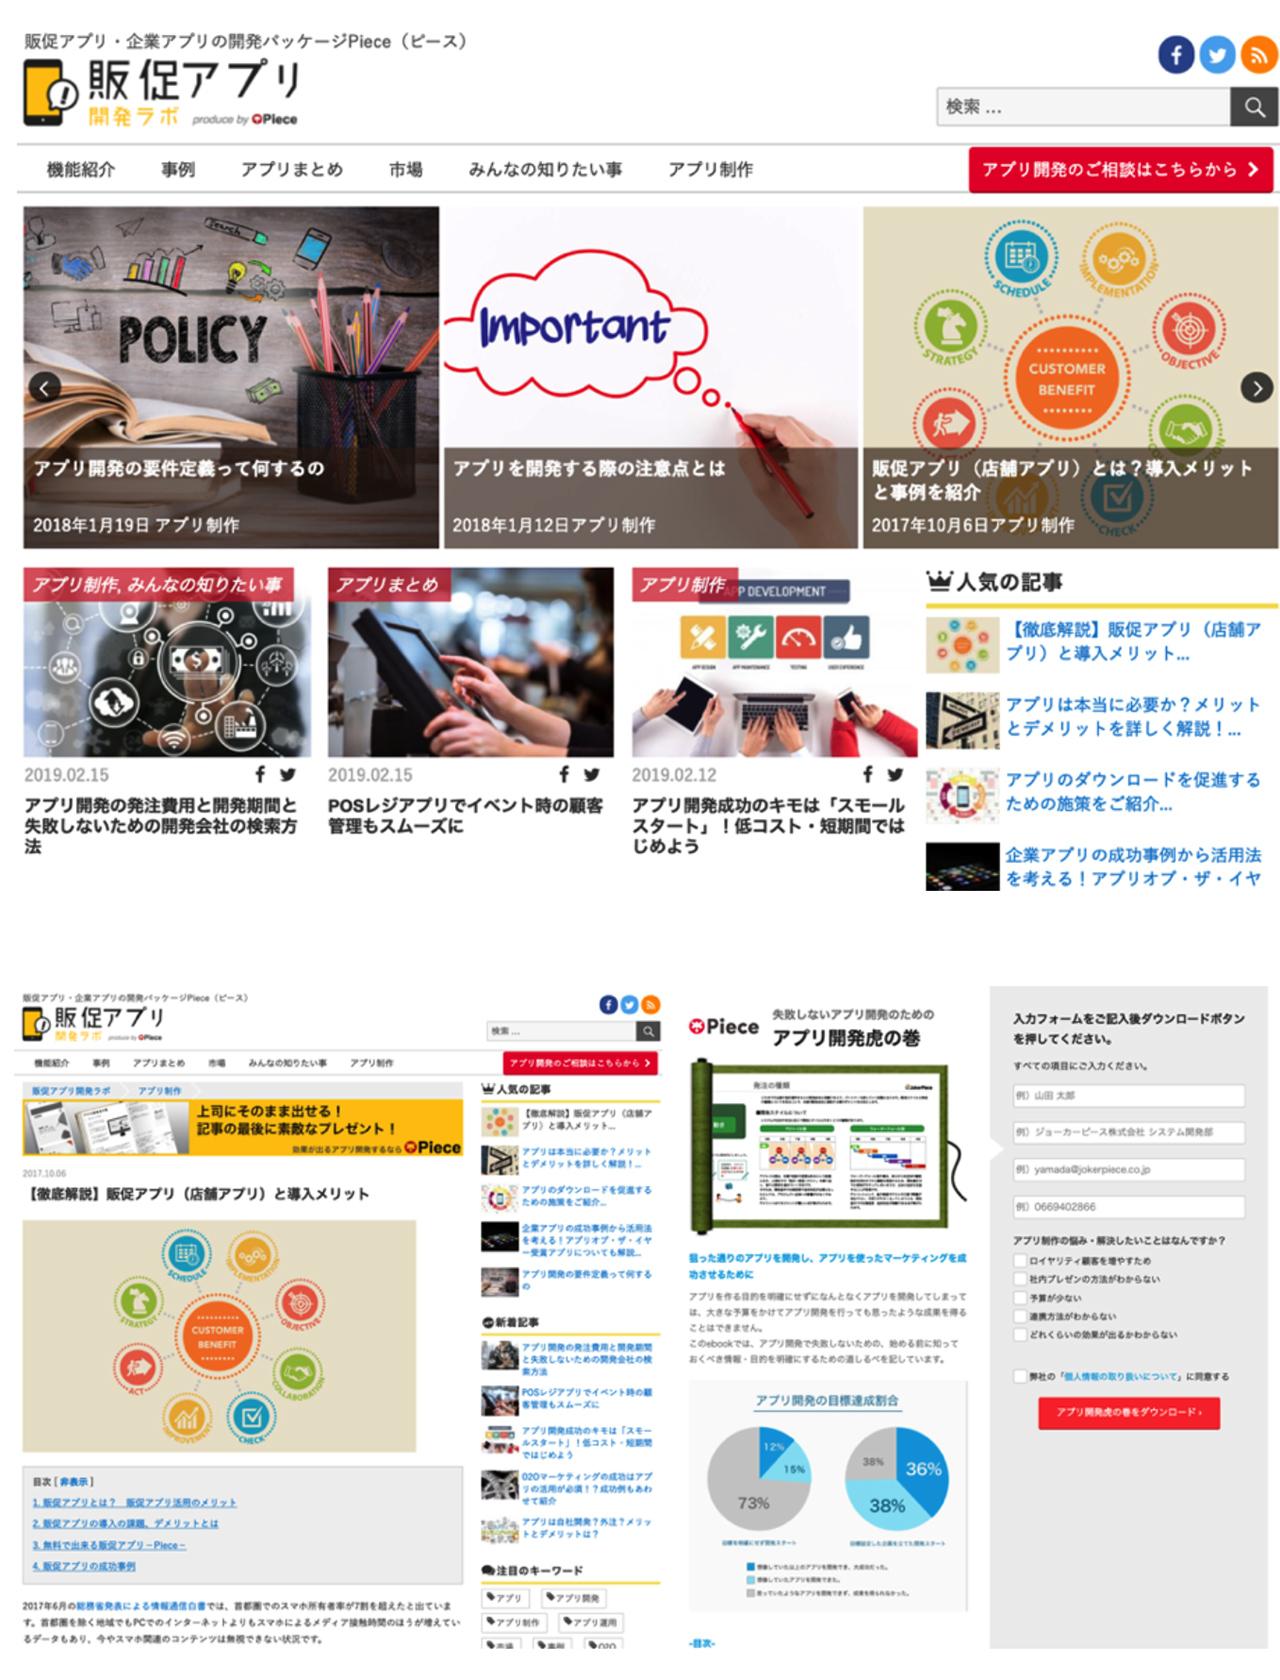 〇販促アプリ開発ラボ(Joker Piece株式会社様)成功例